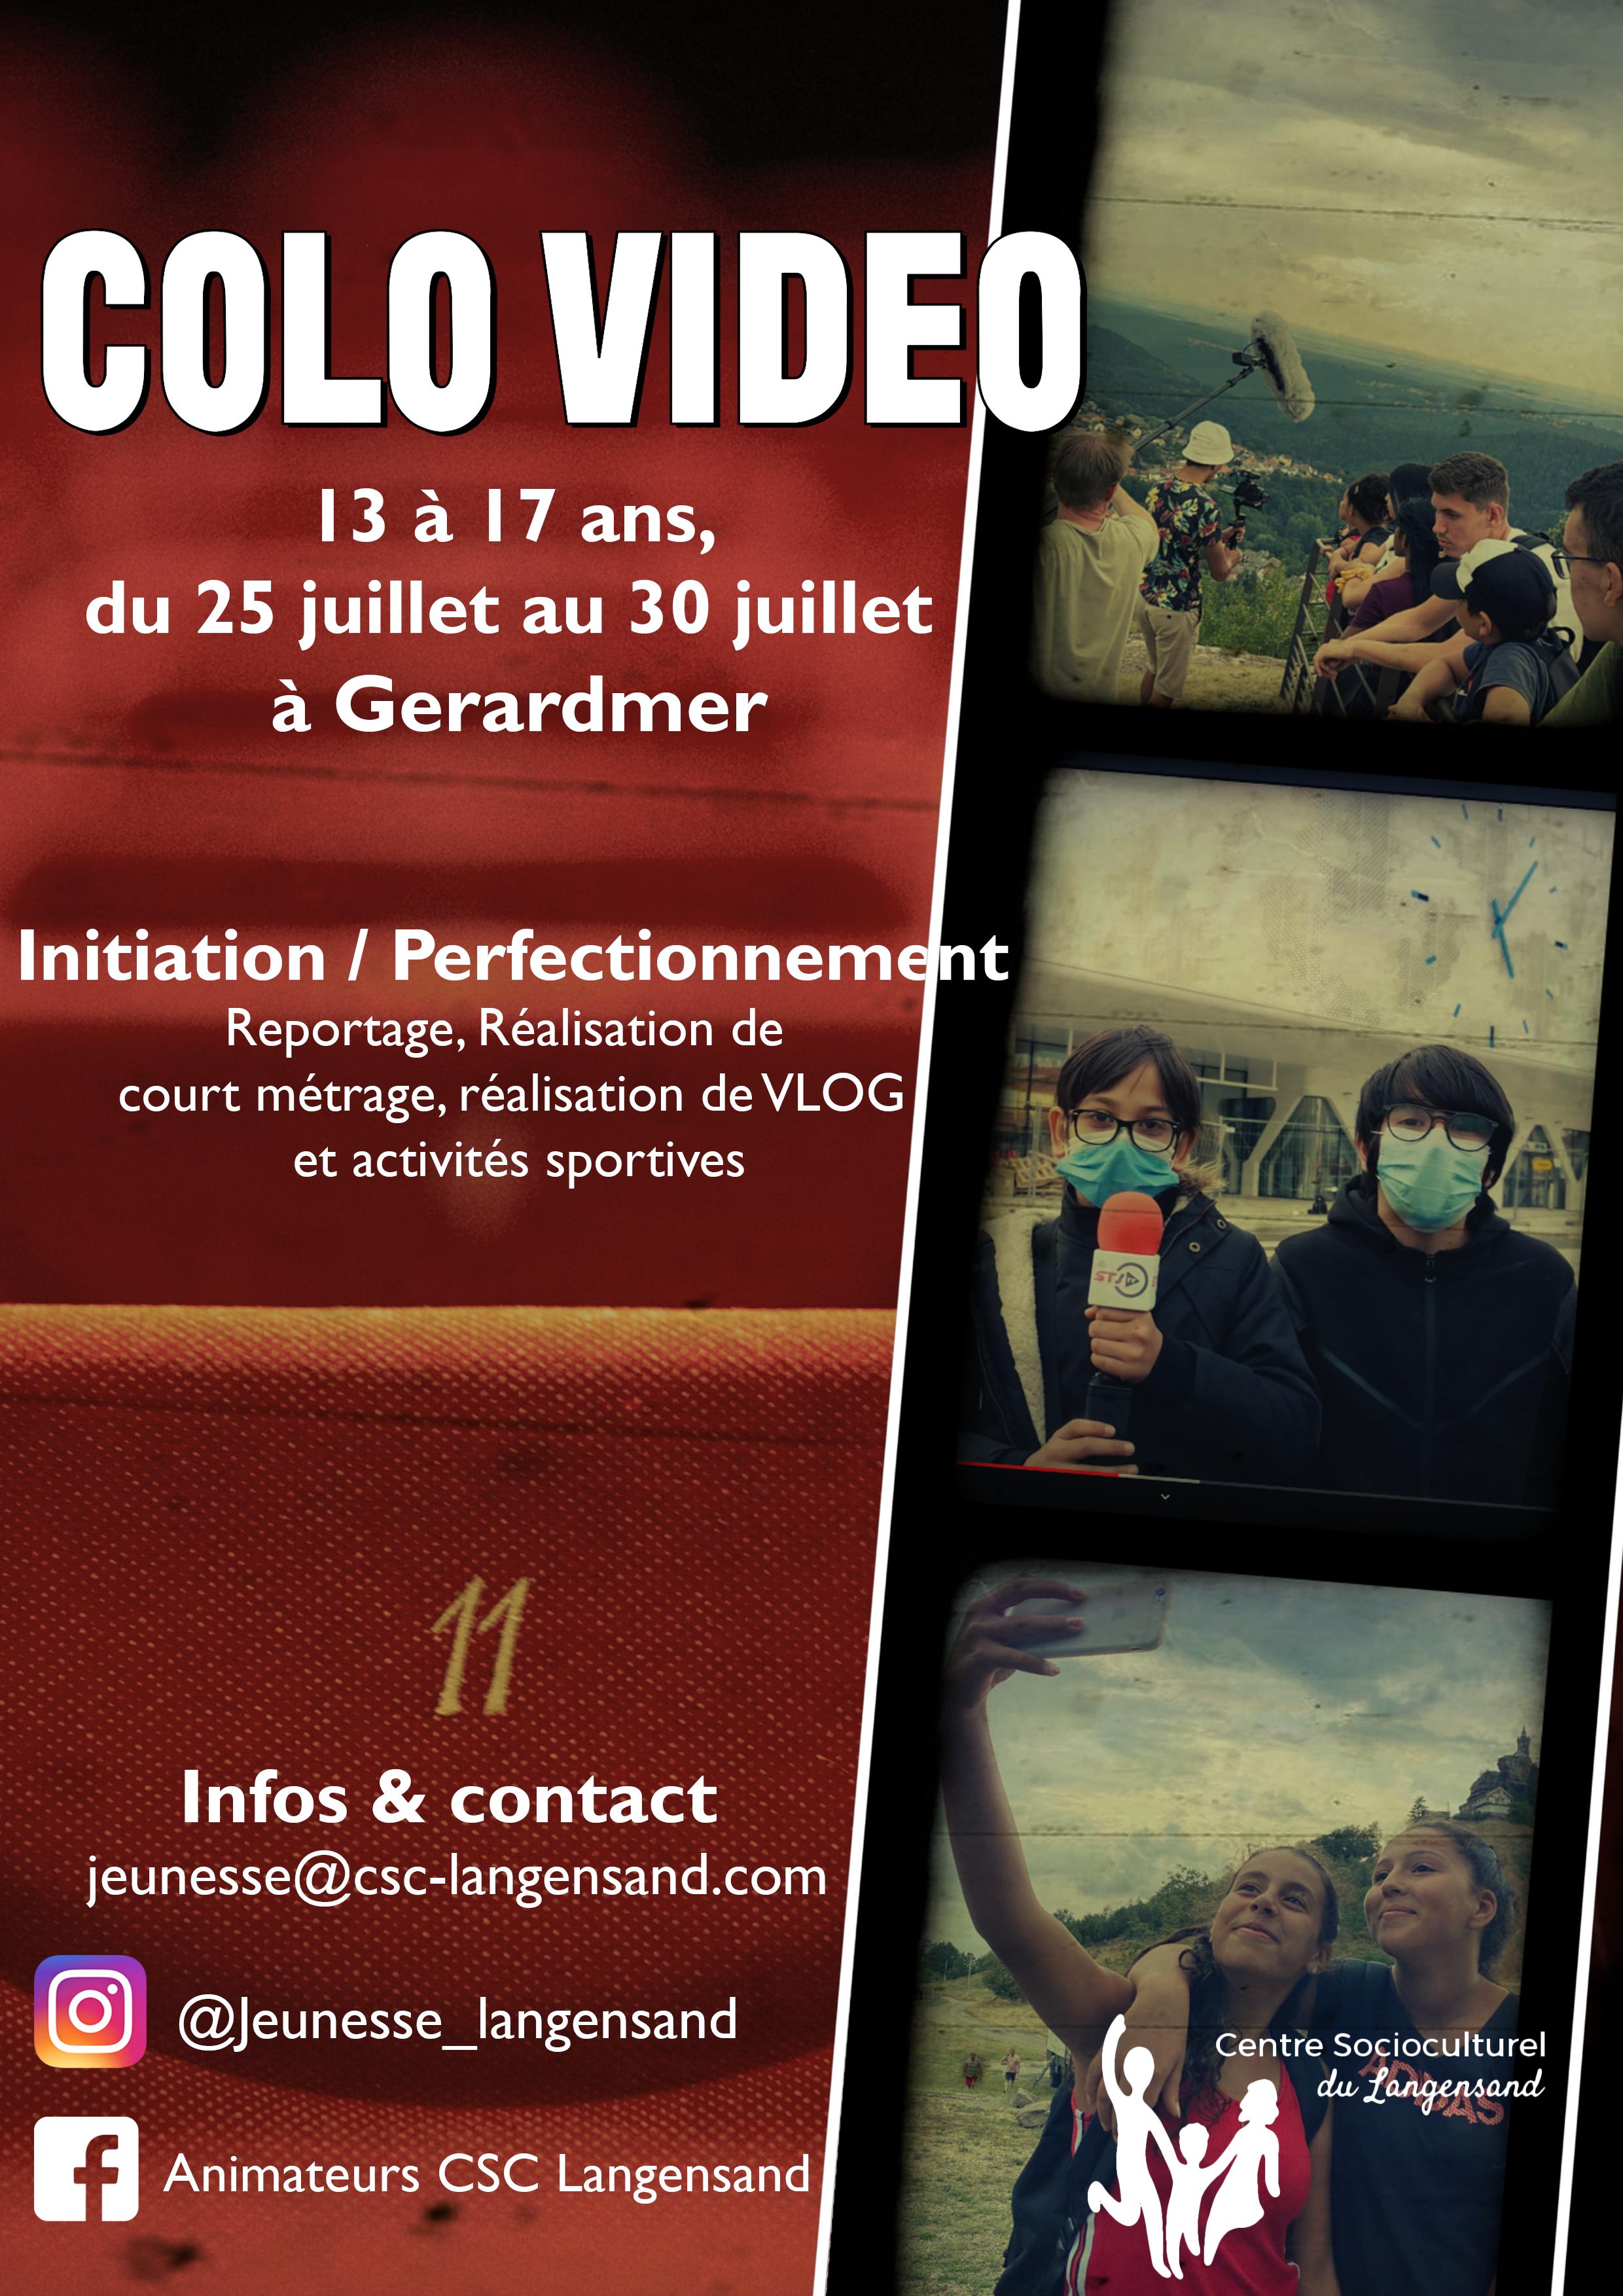 Pôle jeunesse : Séjour « Colo vidéo » pour les 13 - 17 ans